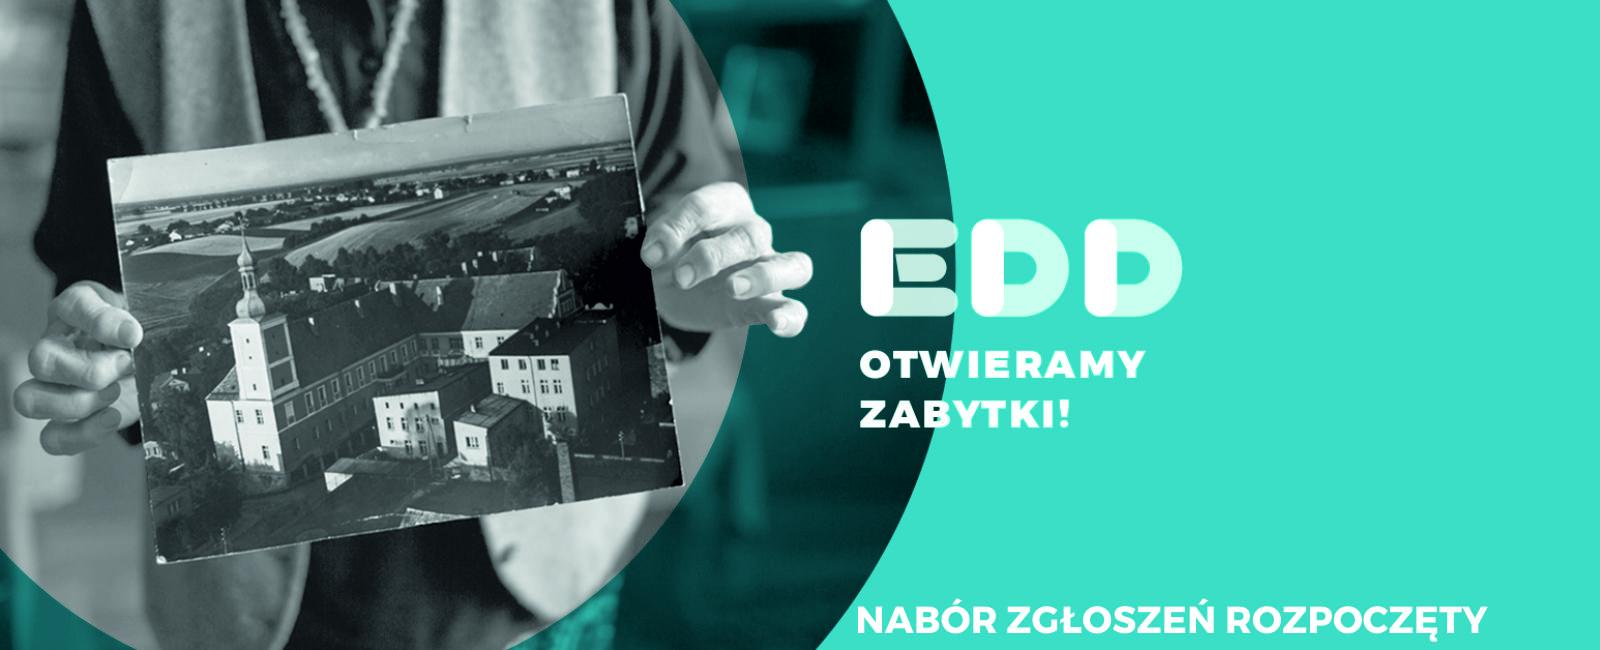 EDD 2018